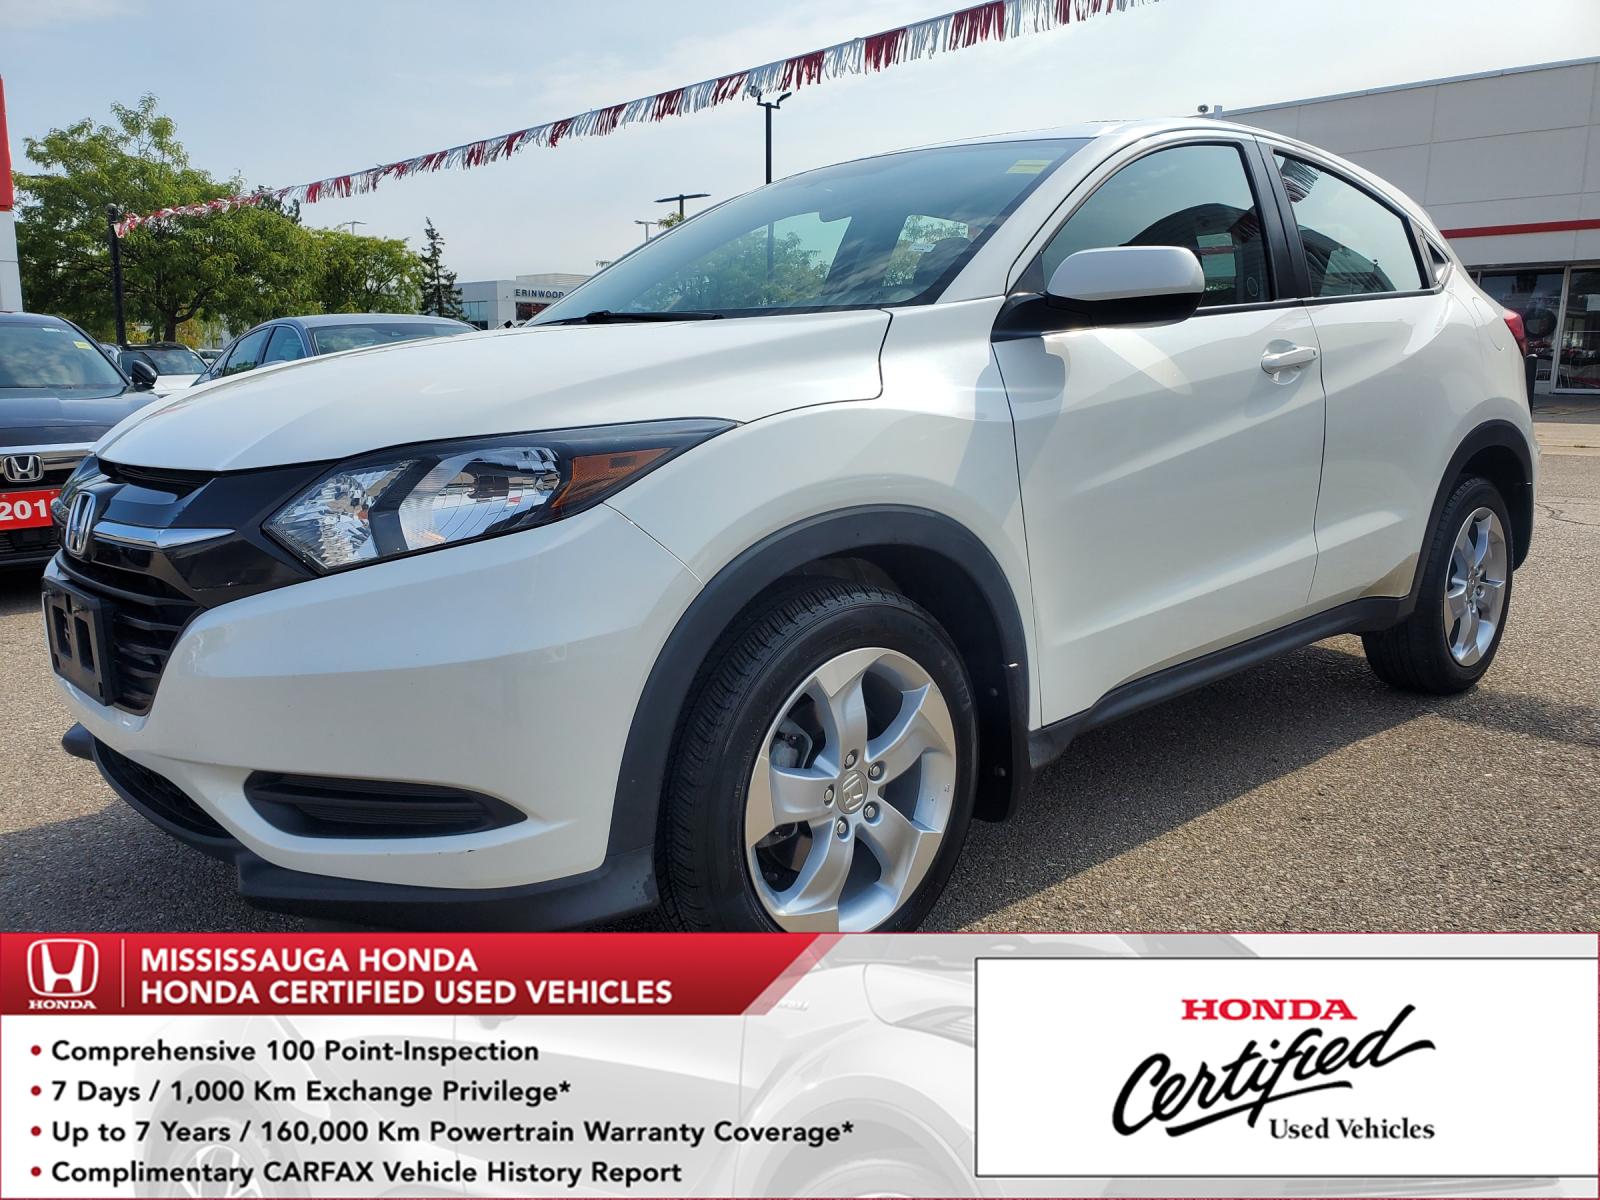 2016 Honda HR-V Image